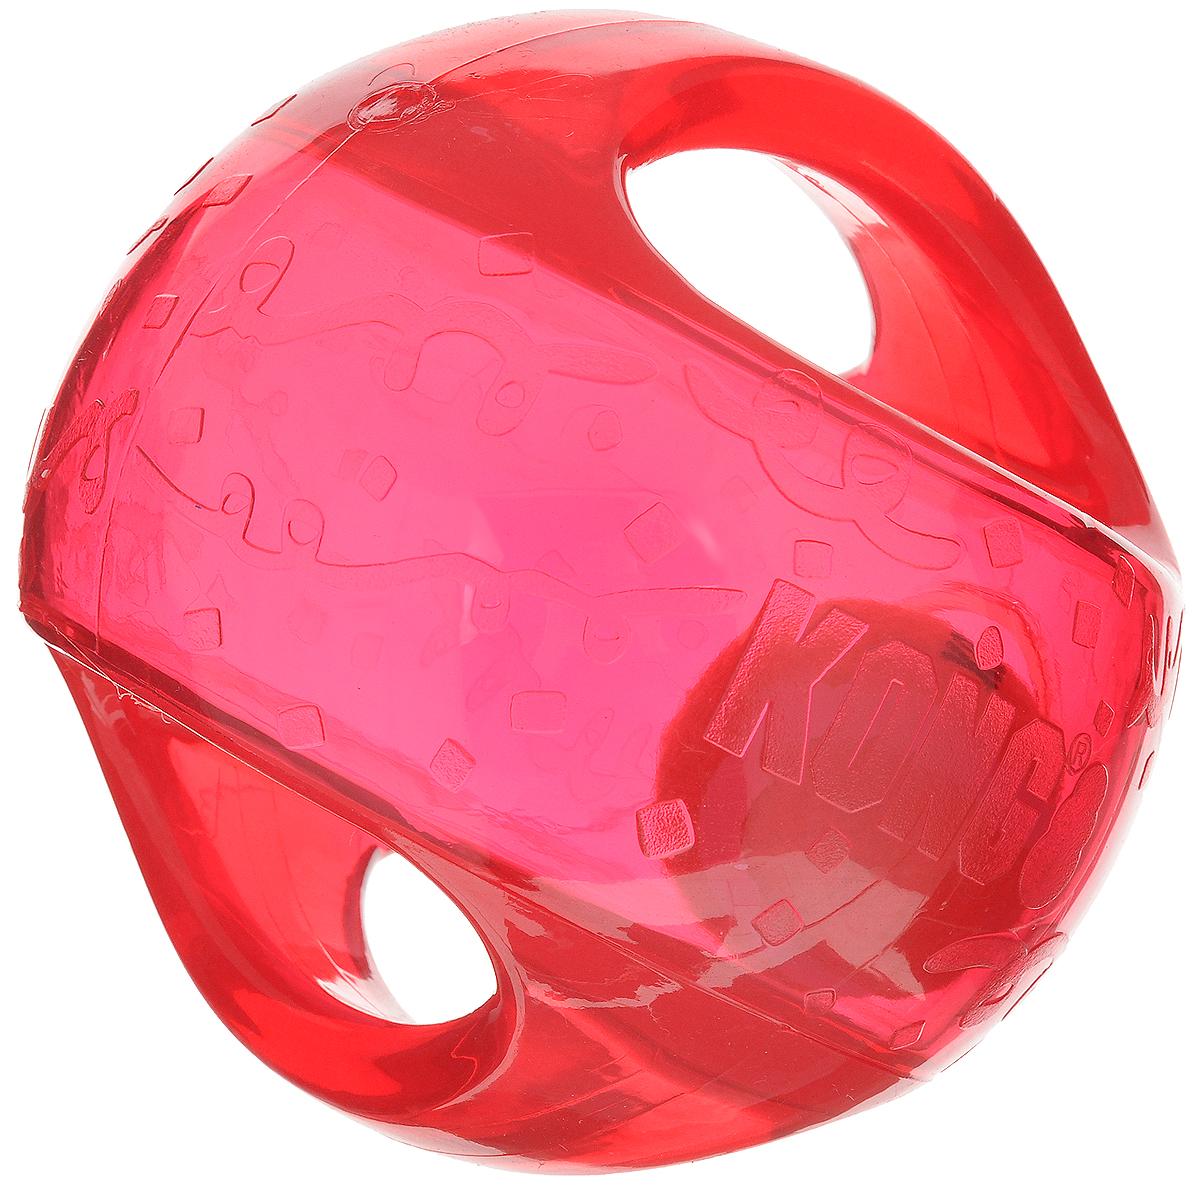 Игрушка для собак Kong Мячик, с пищалкой, цвет: прозрачный, красный, 12 х 12 х 12 смTMB2E_красныйИгрушка для собак Kong Мячик, выполненная из высококачественного каучука, представляет собой мяч 2 в 1. Теннисный мяч, расположенный внутри, гремит и будет привлекать внимание вашего питомца, побуждая достать его. Просто потрясите игрушку. Удобные ручки служат для поднятия. Также изделие оснащено пищалкой. С такой игрушкой вы сможете играть в захватывающие и активные игры с вашей собакой. Она прекрасно подходит для животных среднего и крупного размера, с сильными челюстями и для использования в качестве дрессировочного предмета.